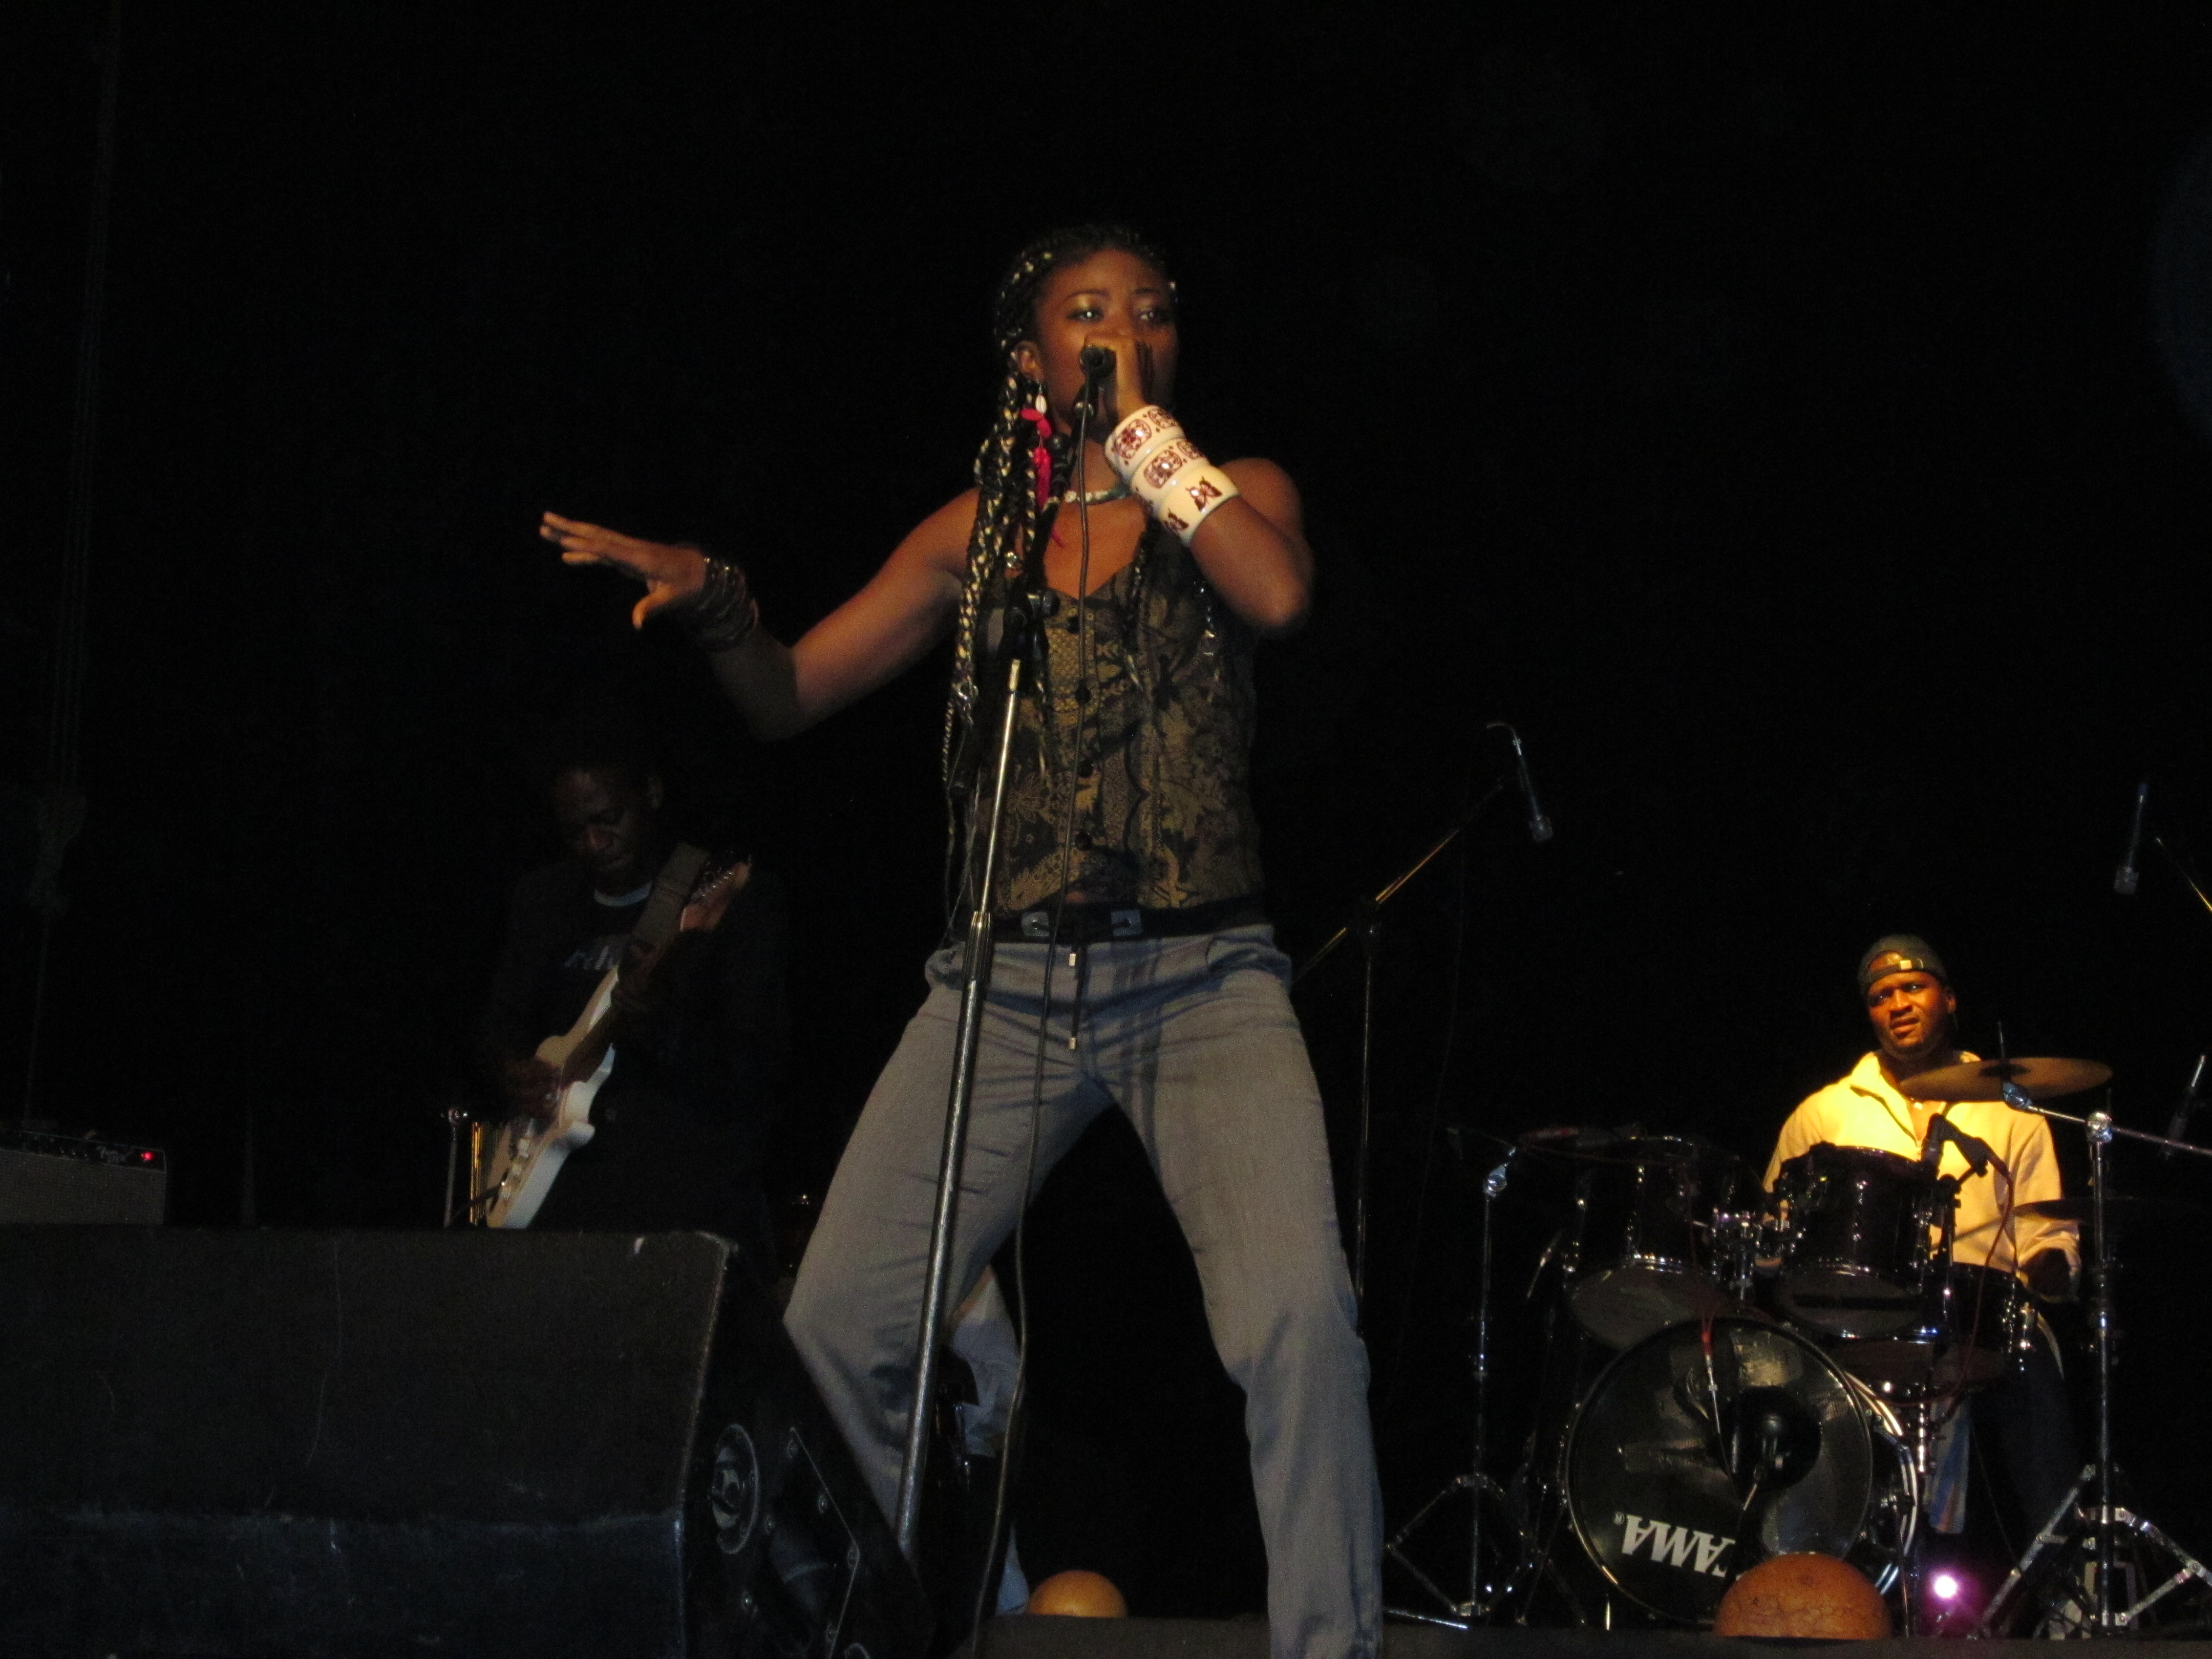 LORNOAR Chanteuse Cameroun World Mus